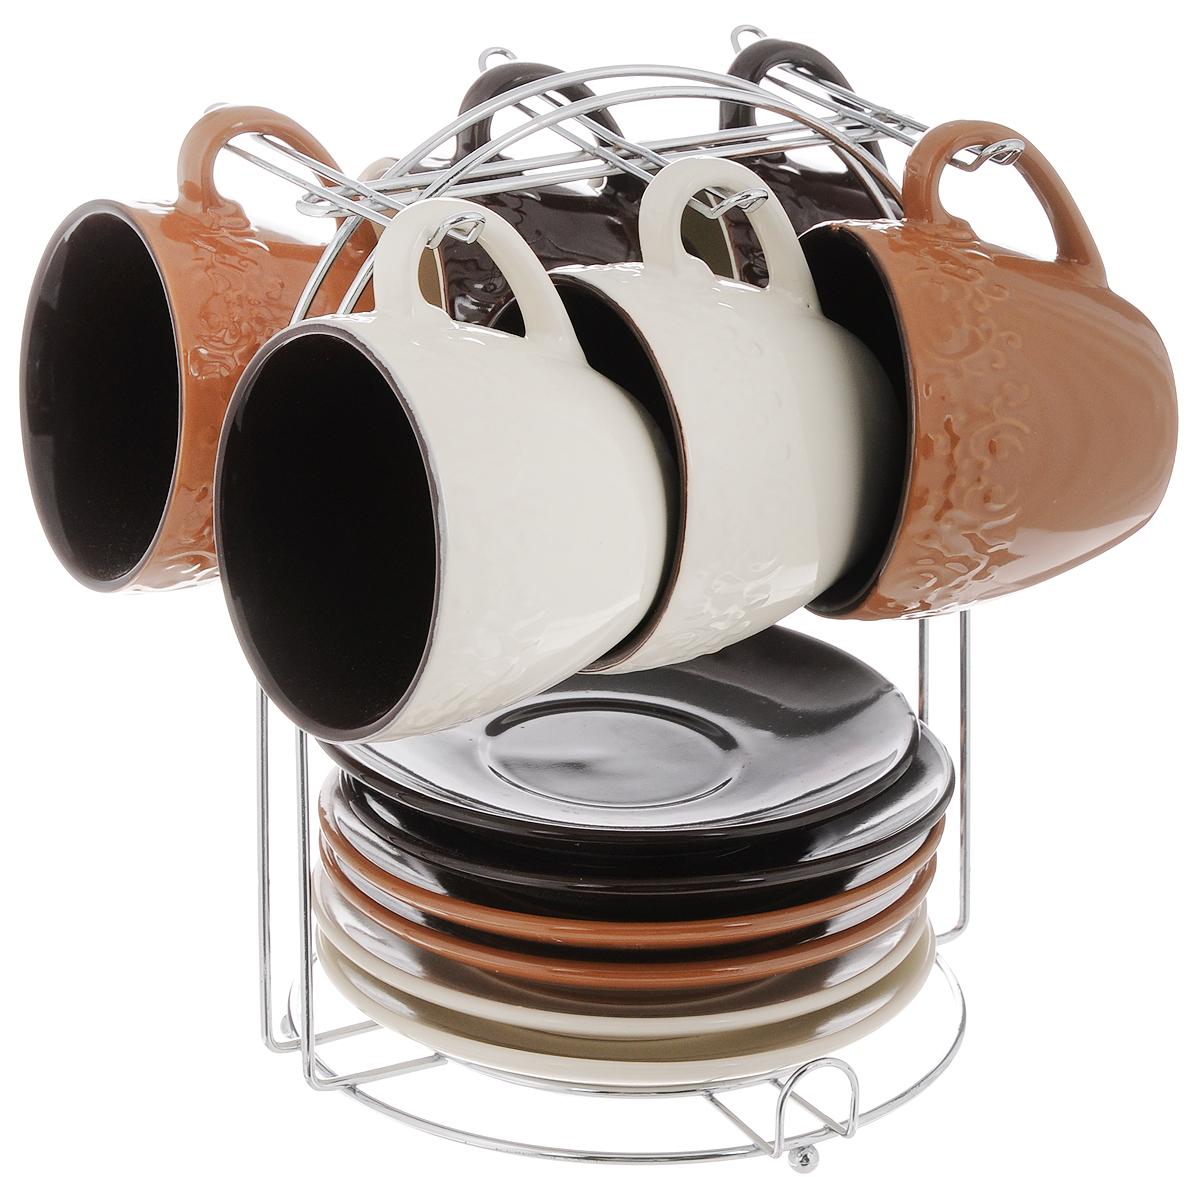 Набор чайный Loraine, на подставке, 13 предметов. 2466424664Набор Loraine состоит из шести чашек и шести блюдец, изготовленных из высококачественной керамики. Чашки оформлены рельефным узором. Изделия расположены на металлической подставке. Такой набор подходит для подачи чая или кофе. Изящный дизайн придется по вкусу и ценителям классики, и тем, кто предпочитает утонченность и изысканность. Он настроит на позитивный лад и подарит хорошее настроение с самого утра. Чайный набор Loraine - идеальный и необходимый подарок для вашего дома и для ваших друзей в праздники. Можно мыть в посудомоечной машине. Объем чашки: 220 мл. Диаметр чашки (по верхнему краю): 8,3 см. Высота чашки: 7,3 см. Диаметр блюдца: 14 см. Размер подставки: 17 х 17 х 22 см.